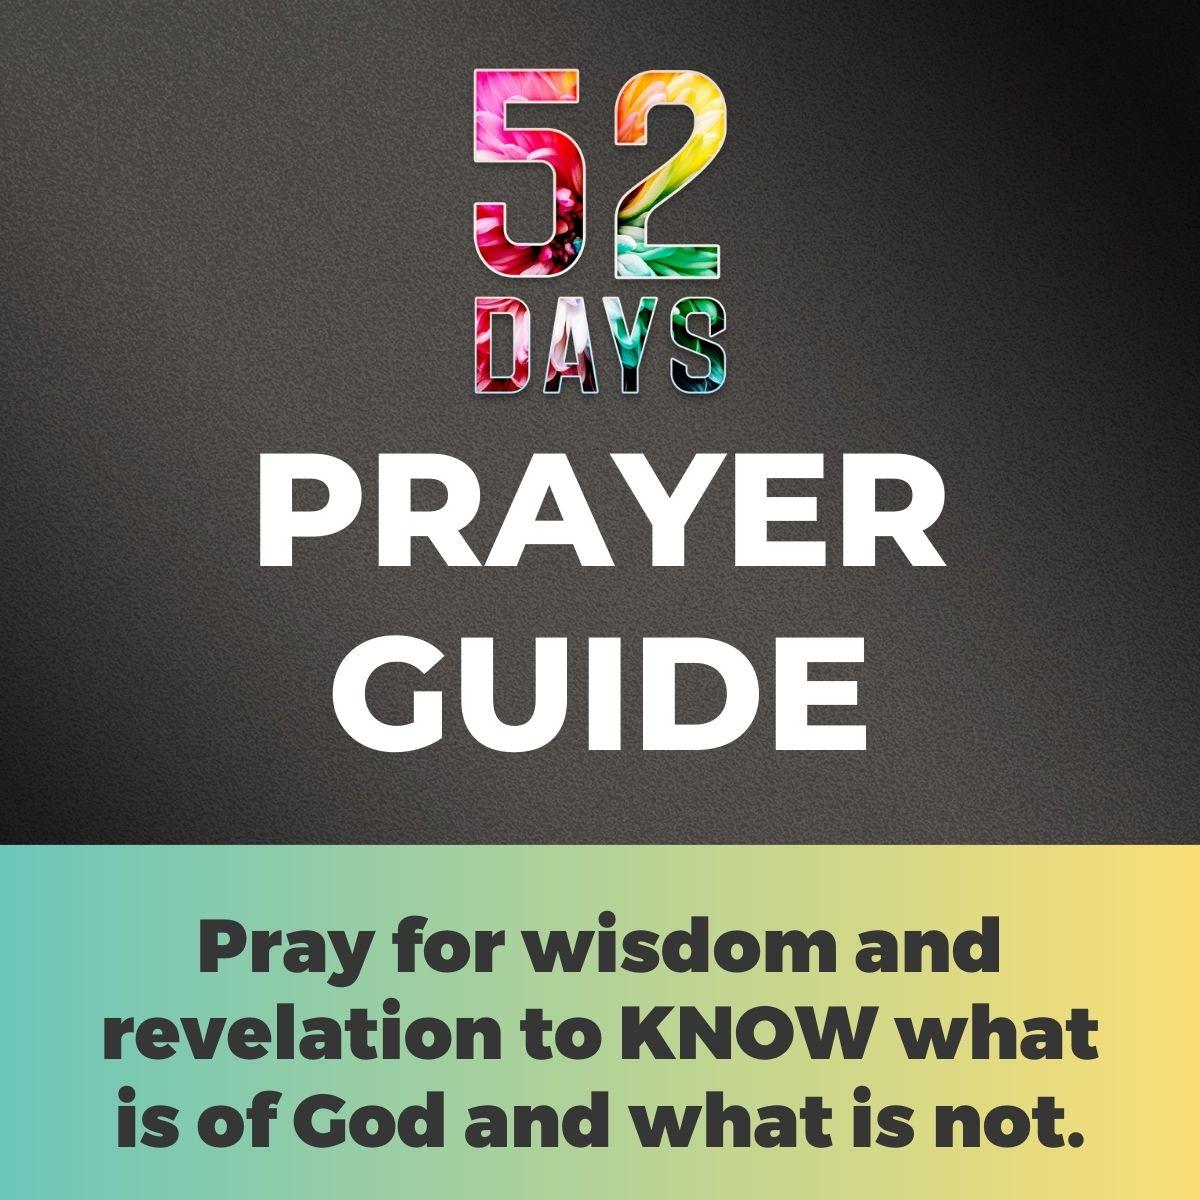 52_PrayerGuide_4